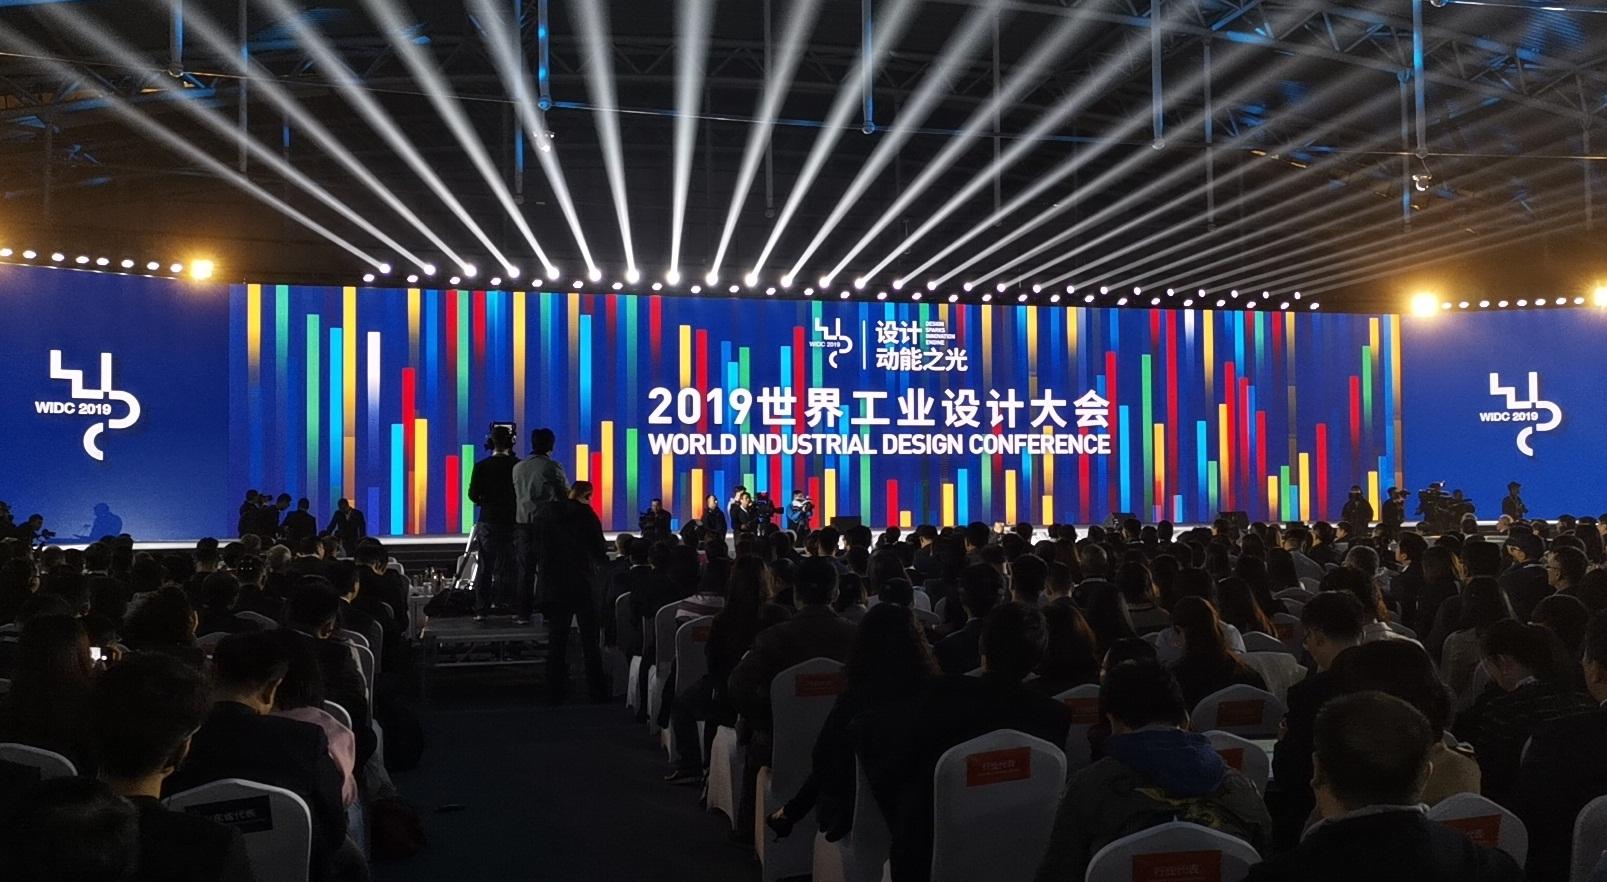 直播回顾|2019世界工业设计大会开幕式及主旨演讲峰会